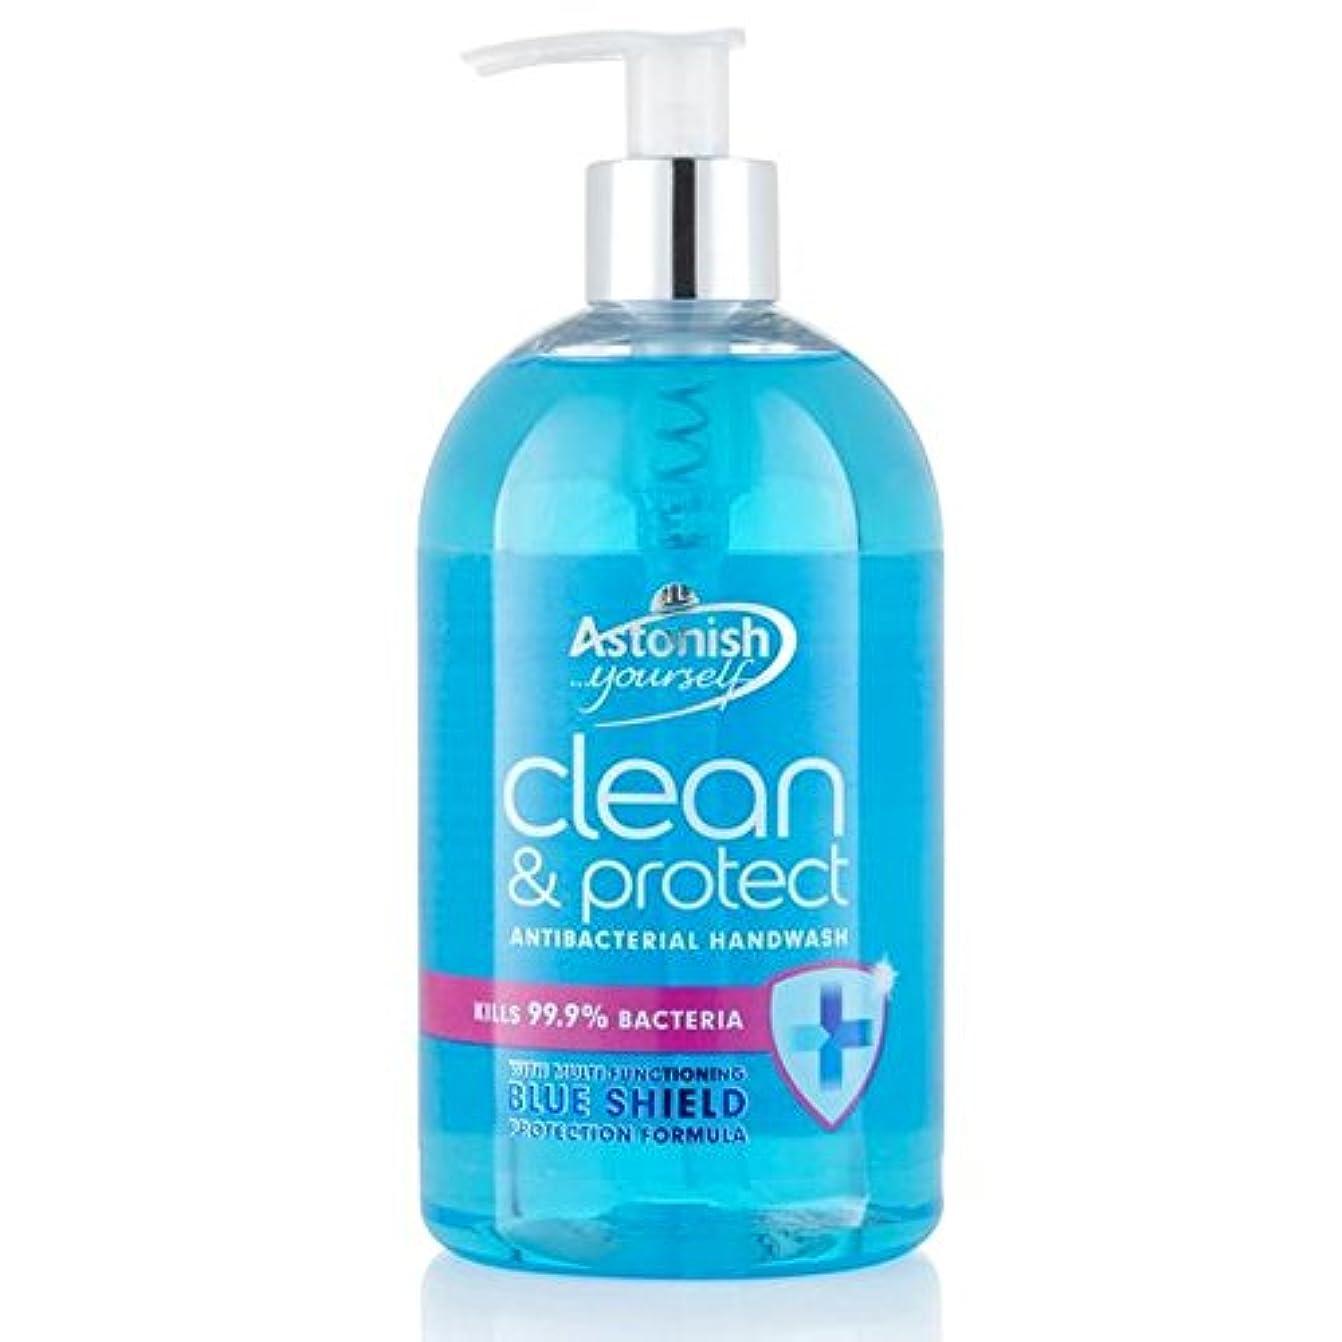 偏心慣れるかかわらずAstonish Clean & Protect Hand Wash 500ml - クリーン驚か&ハンドウォッシュ500ミリリットルを保護 [並行輸入品]